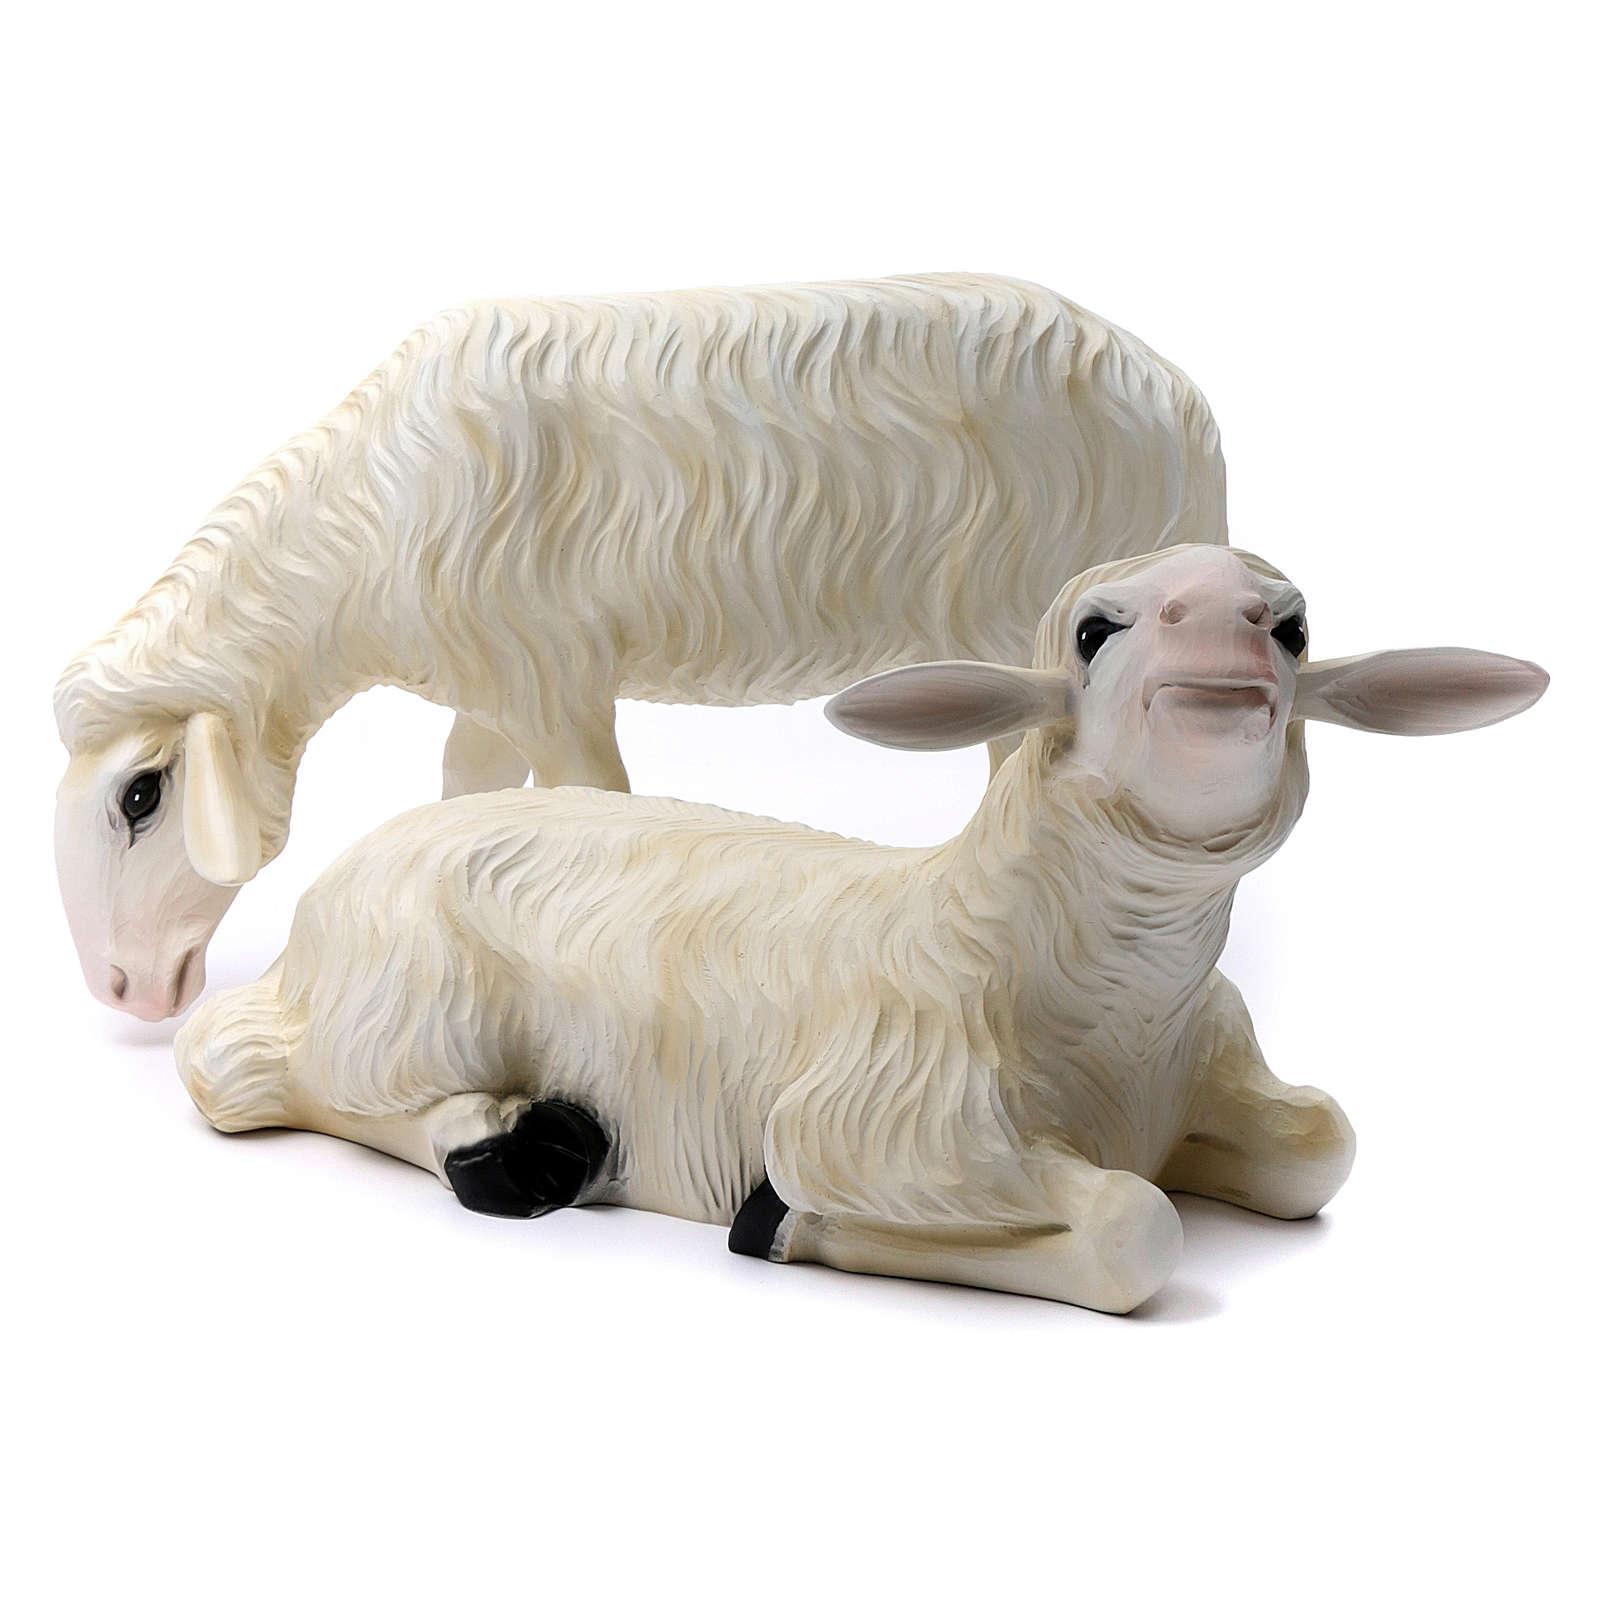 2 Owce do sceny Narodzin Jezusa 80 cm włókno szklane malowane NA ZEWNĄTRZ 4